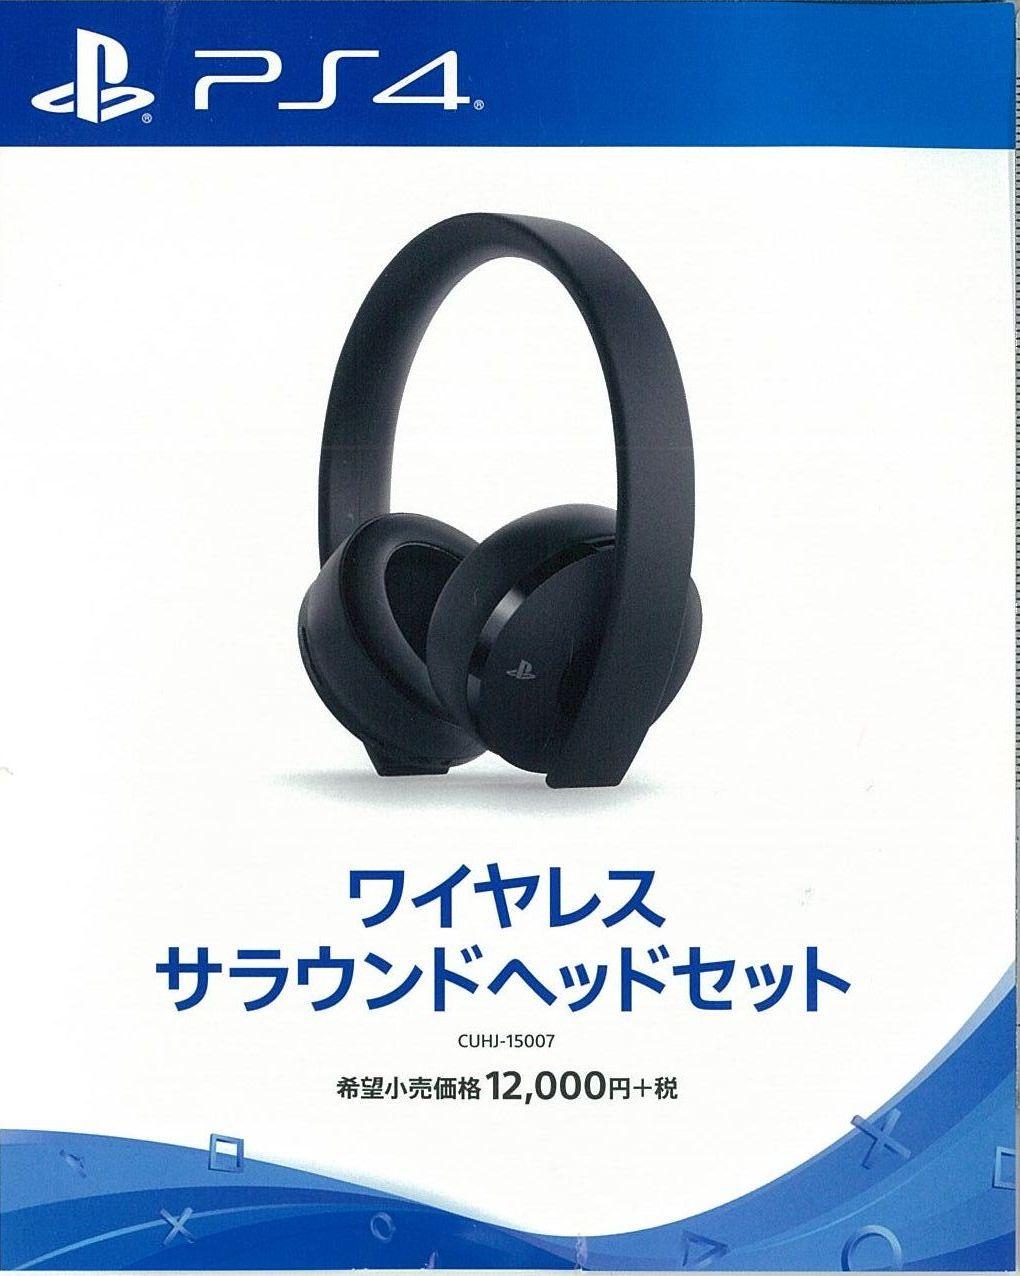 ワイヤレスサラウンドヘッドセットCUHJ-15007